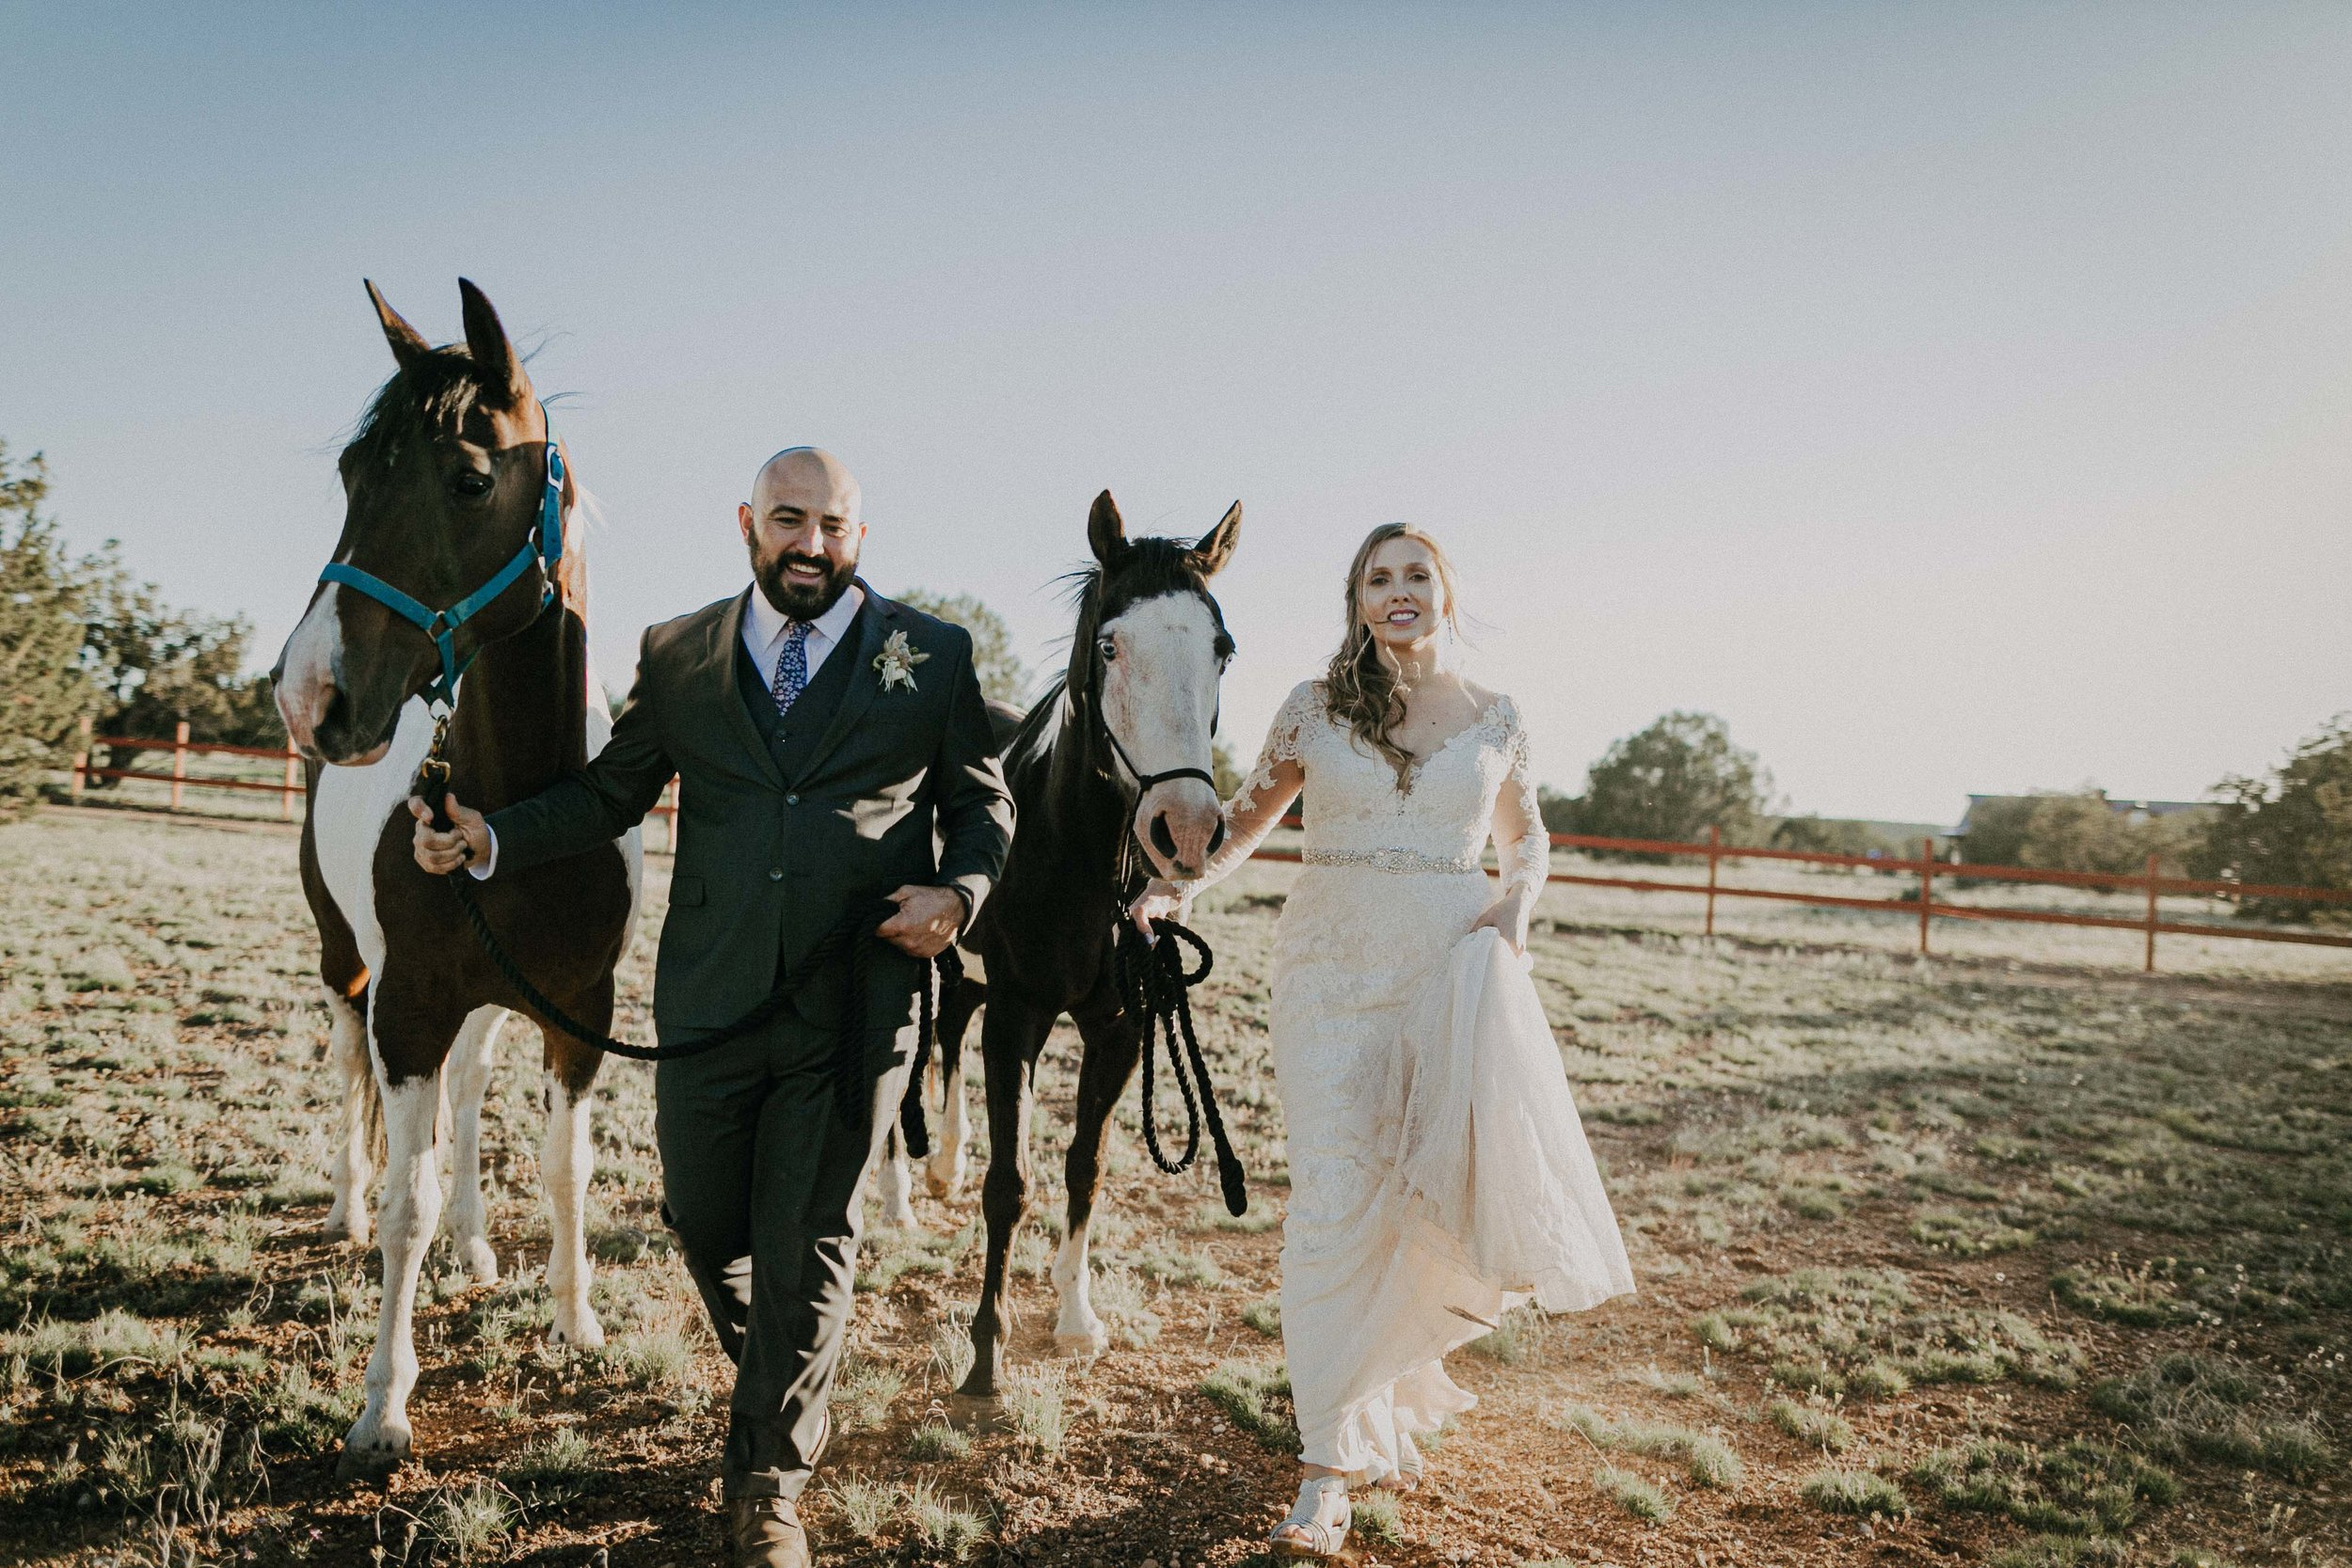 Wedding-15-2.jpg